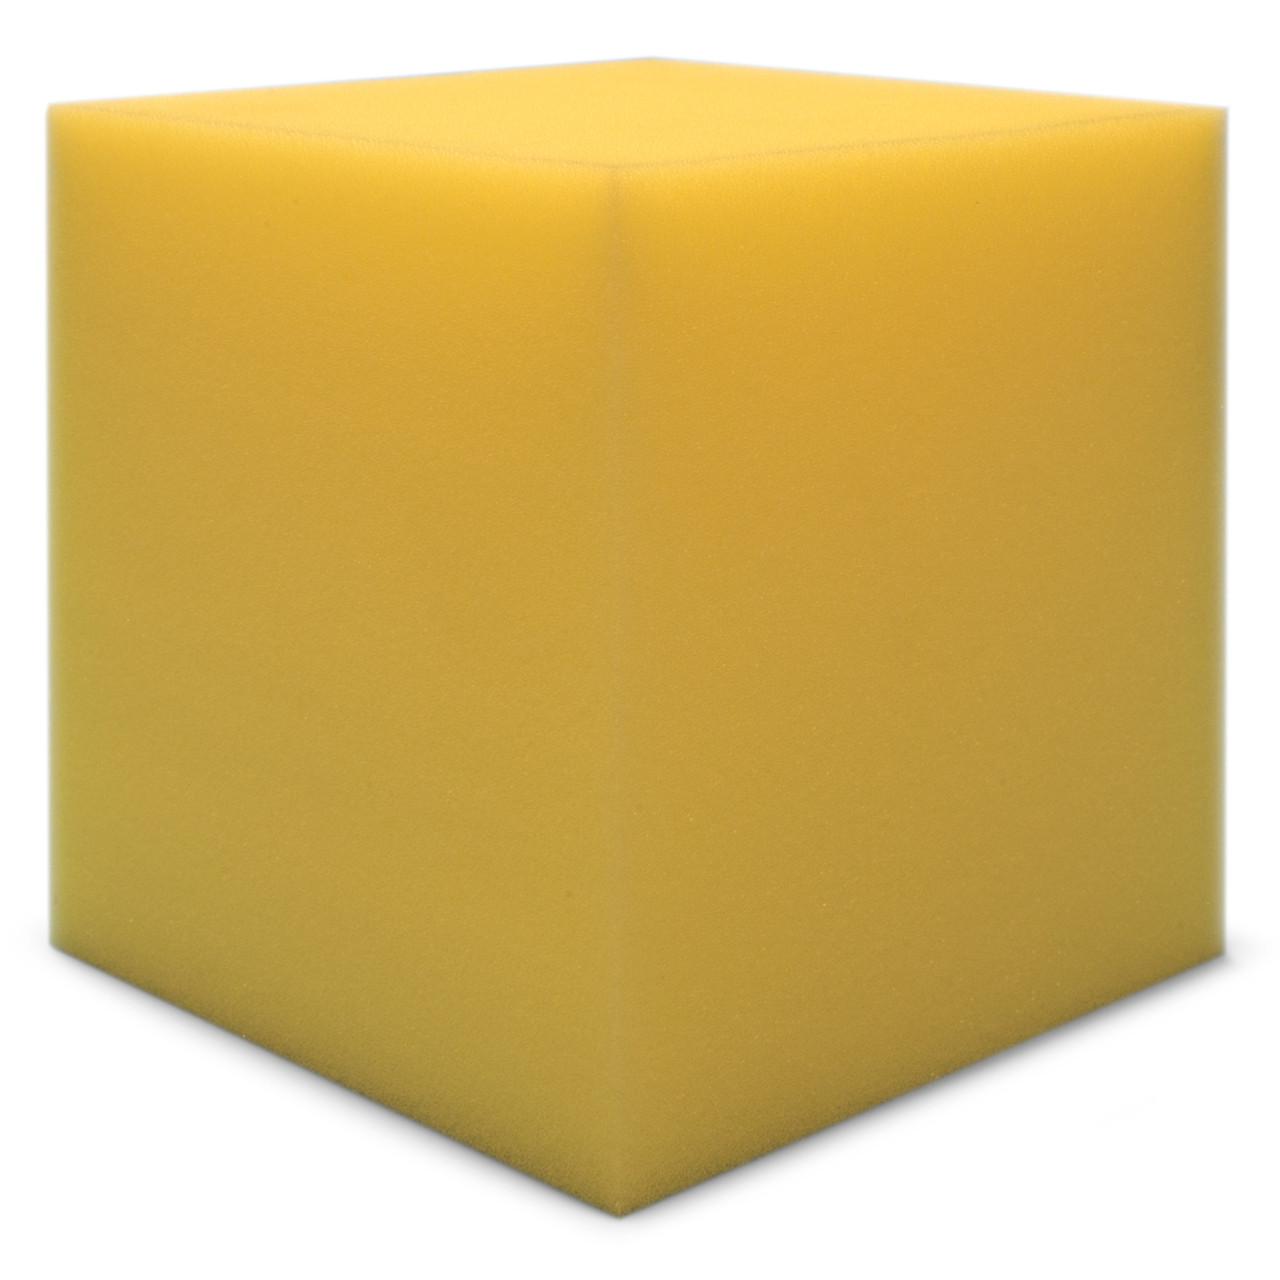 Бас пастка Ecosound КУБ кутовий 15х15х15 см Колір жовтий